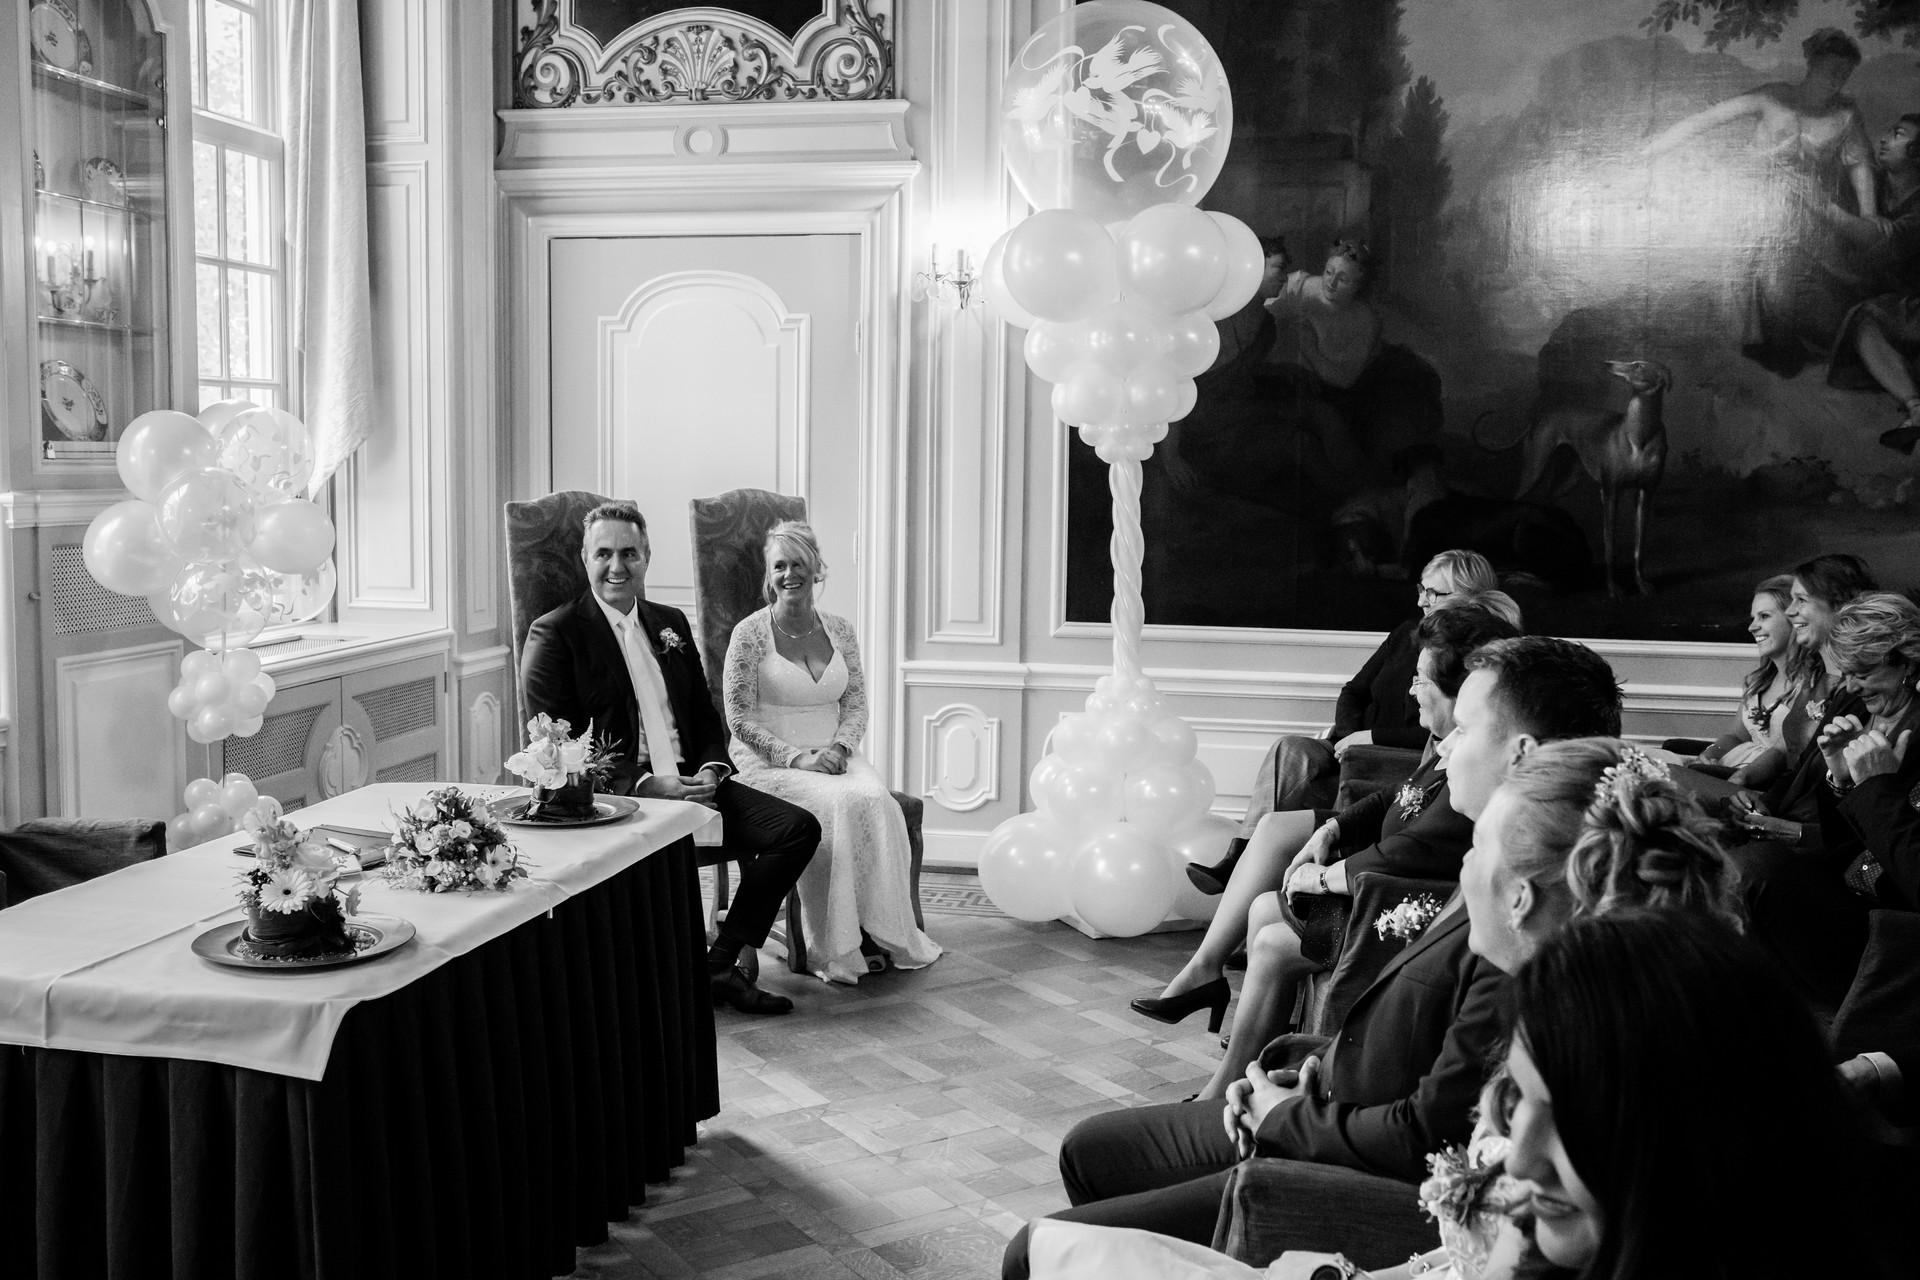 Marcel-en-Astrid-ceremonie-16.jpg